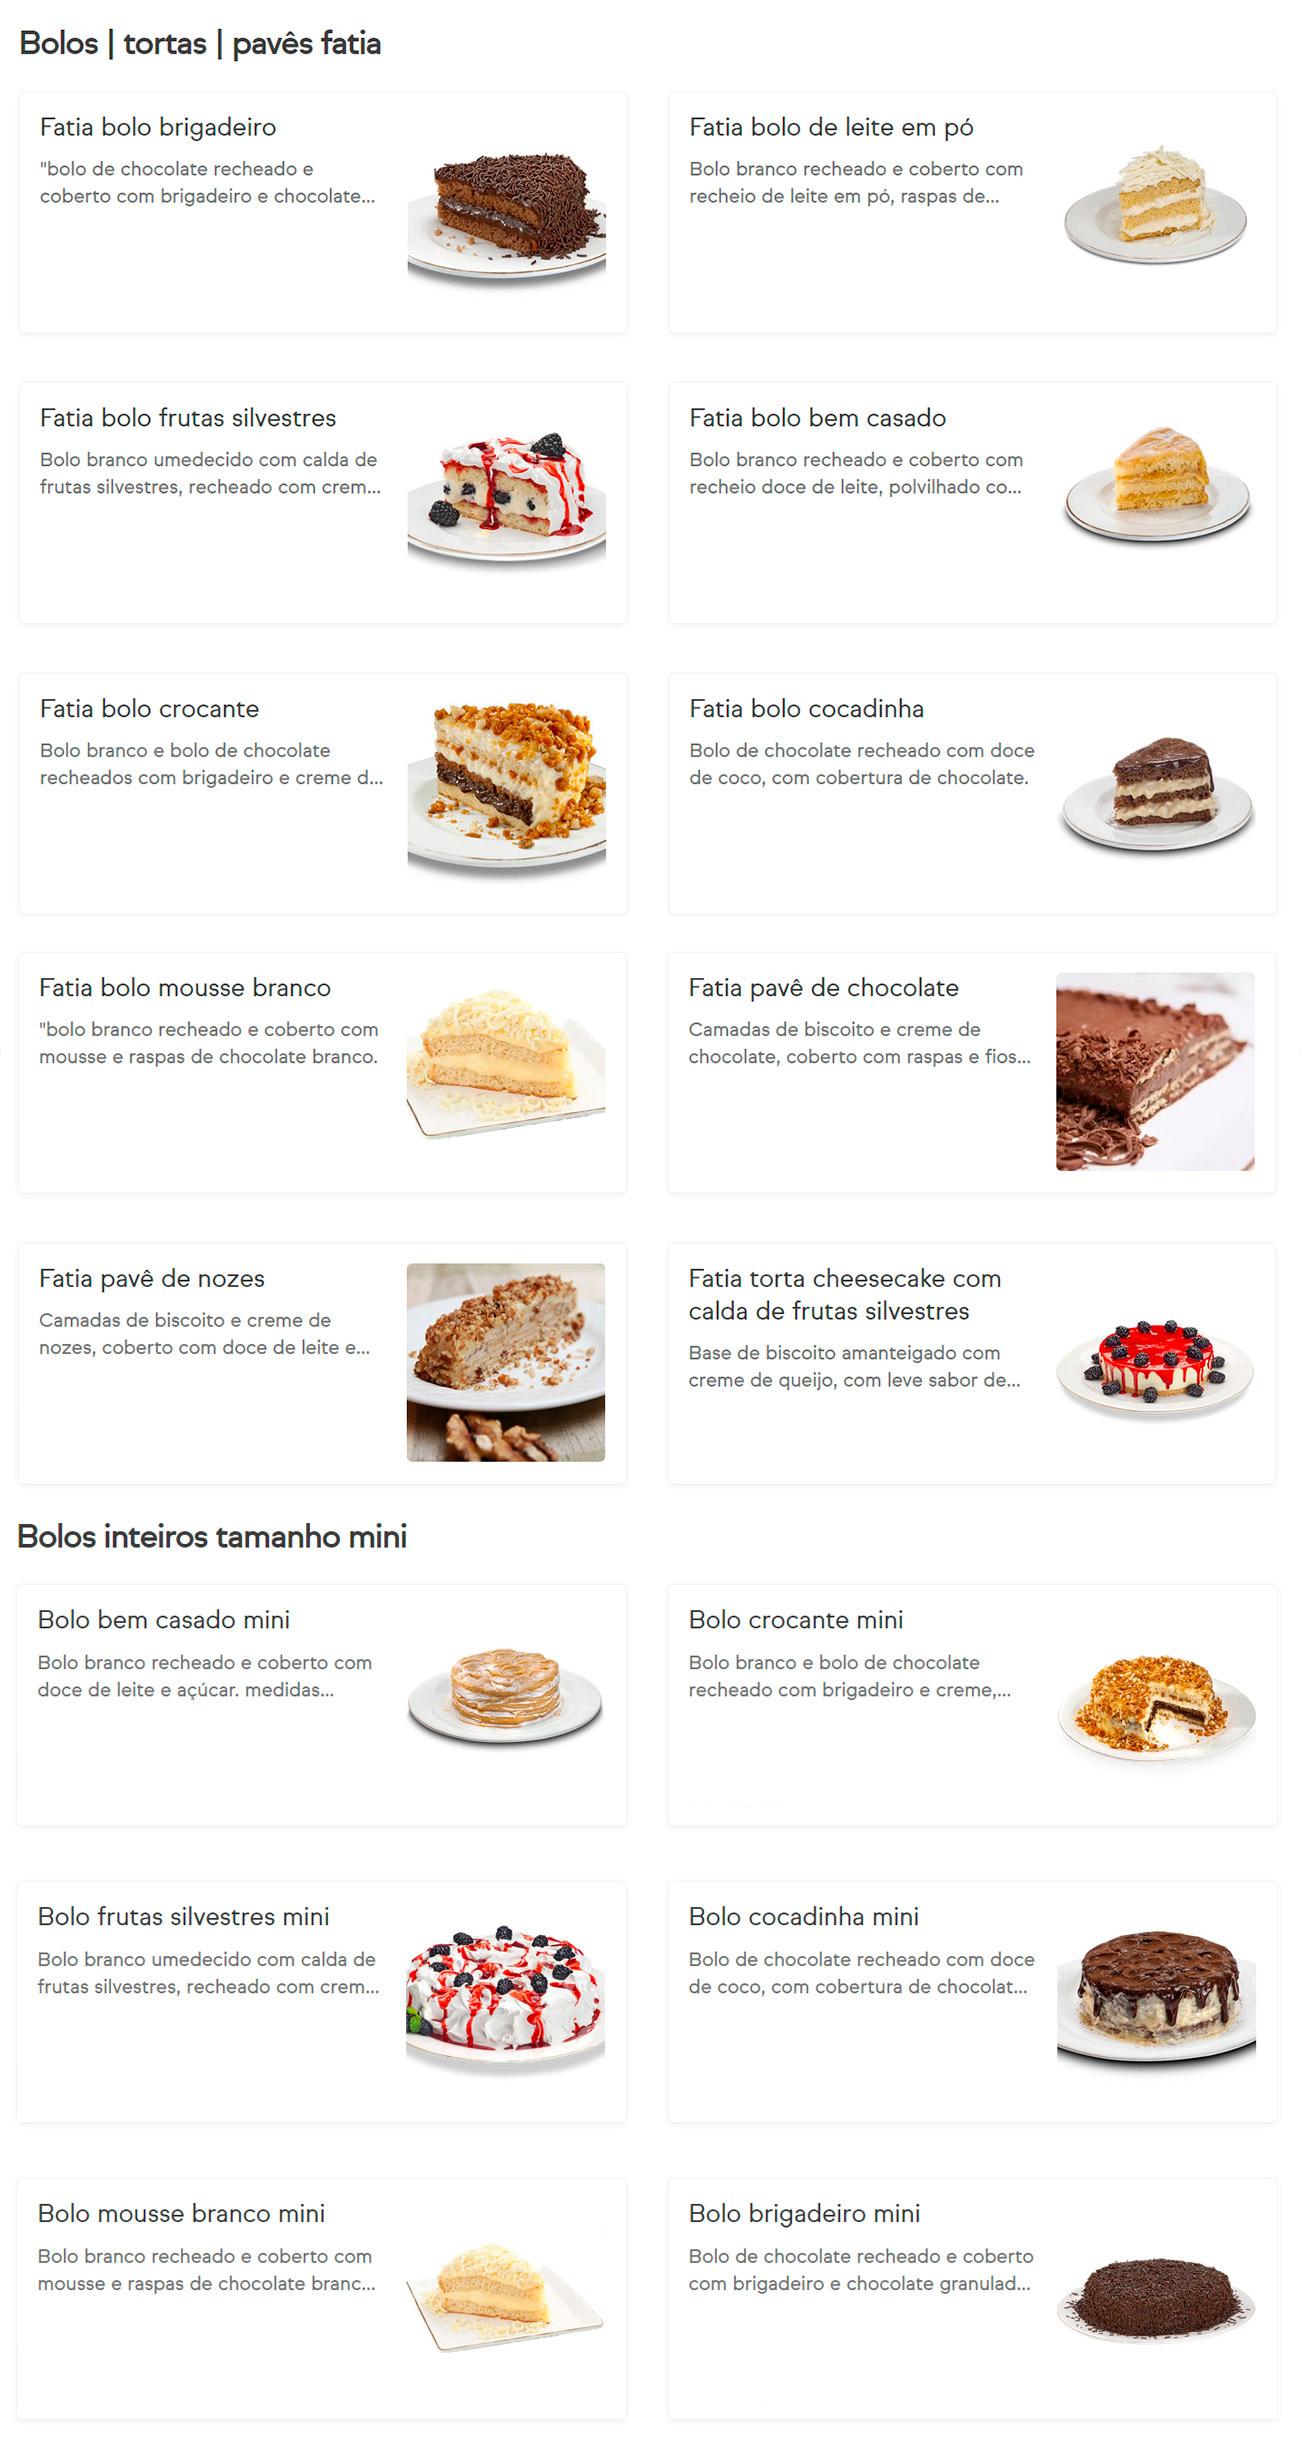 AMOR AOS PEDAÇOS BOLOS TORTAS PAVÊS BOLOS INTEIROS TAMANHO MINI